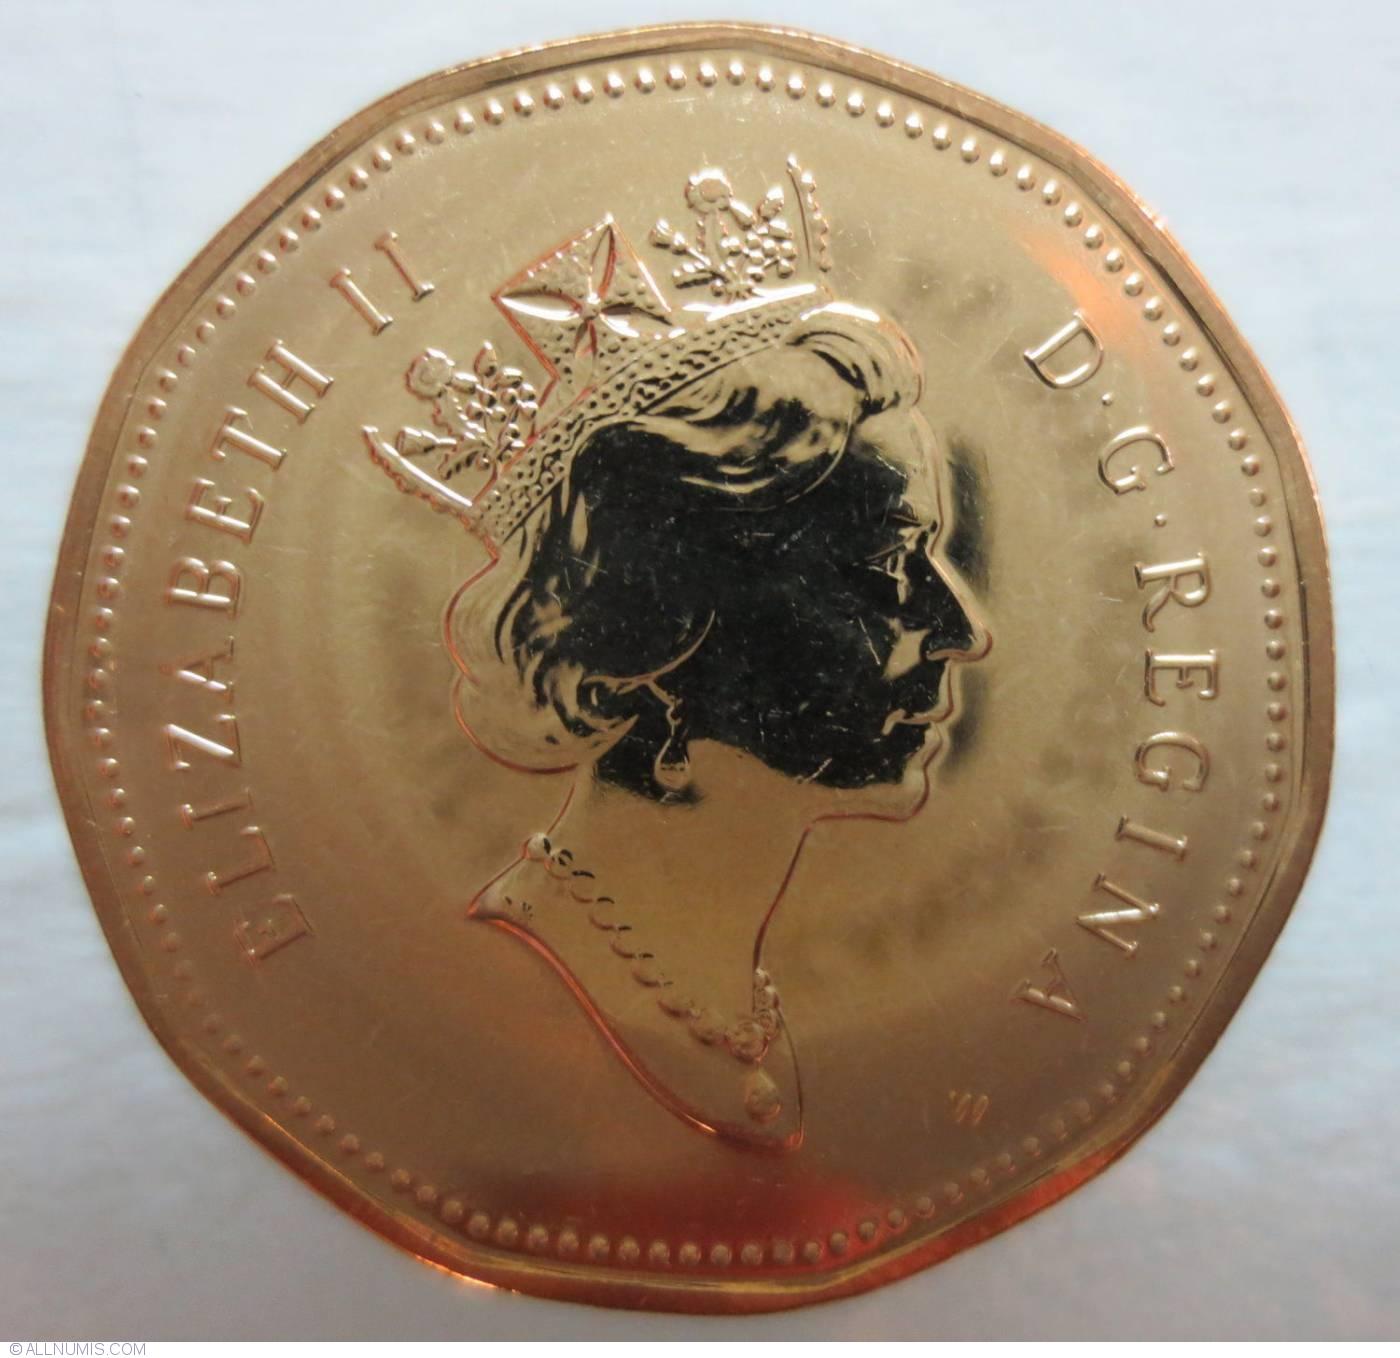 1 Dollar 2000 W Elizabeth Ii 1953 Present Canada